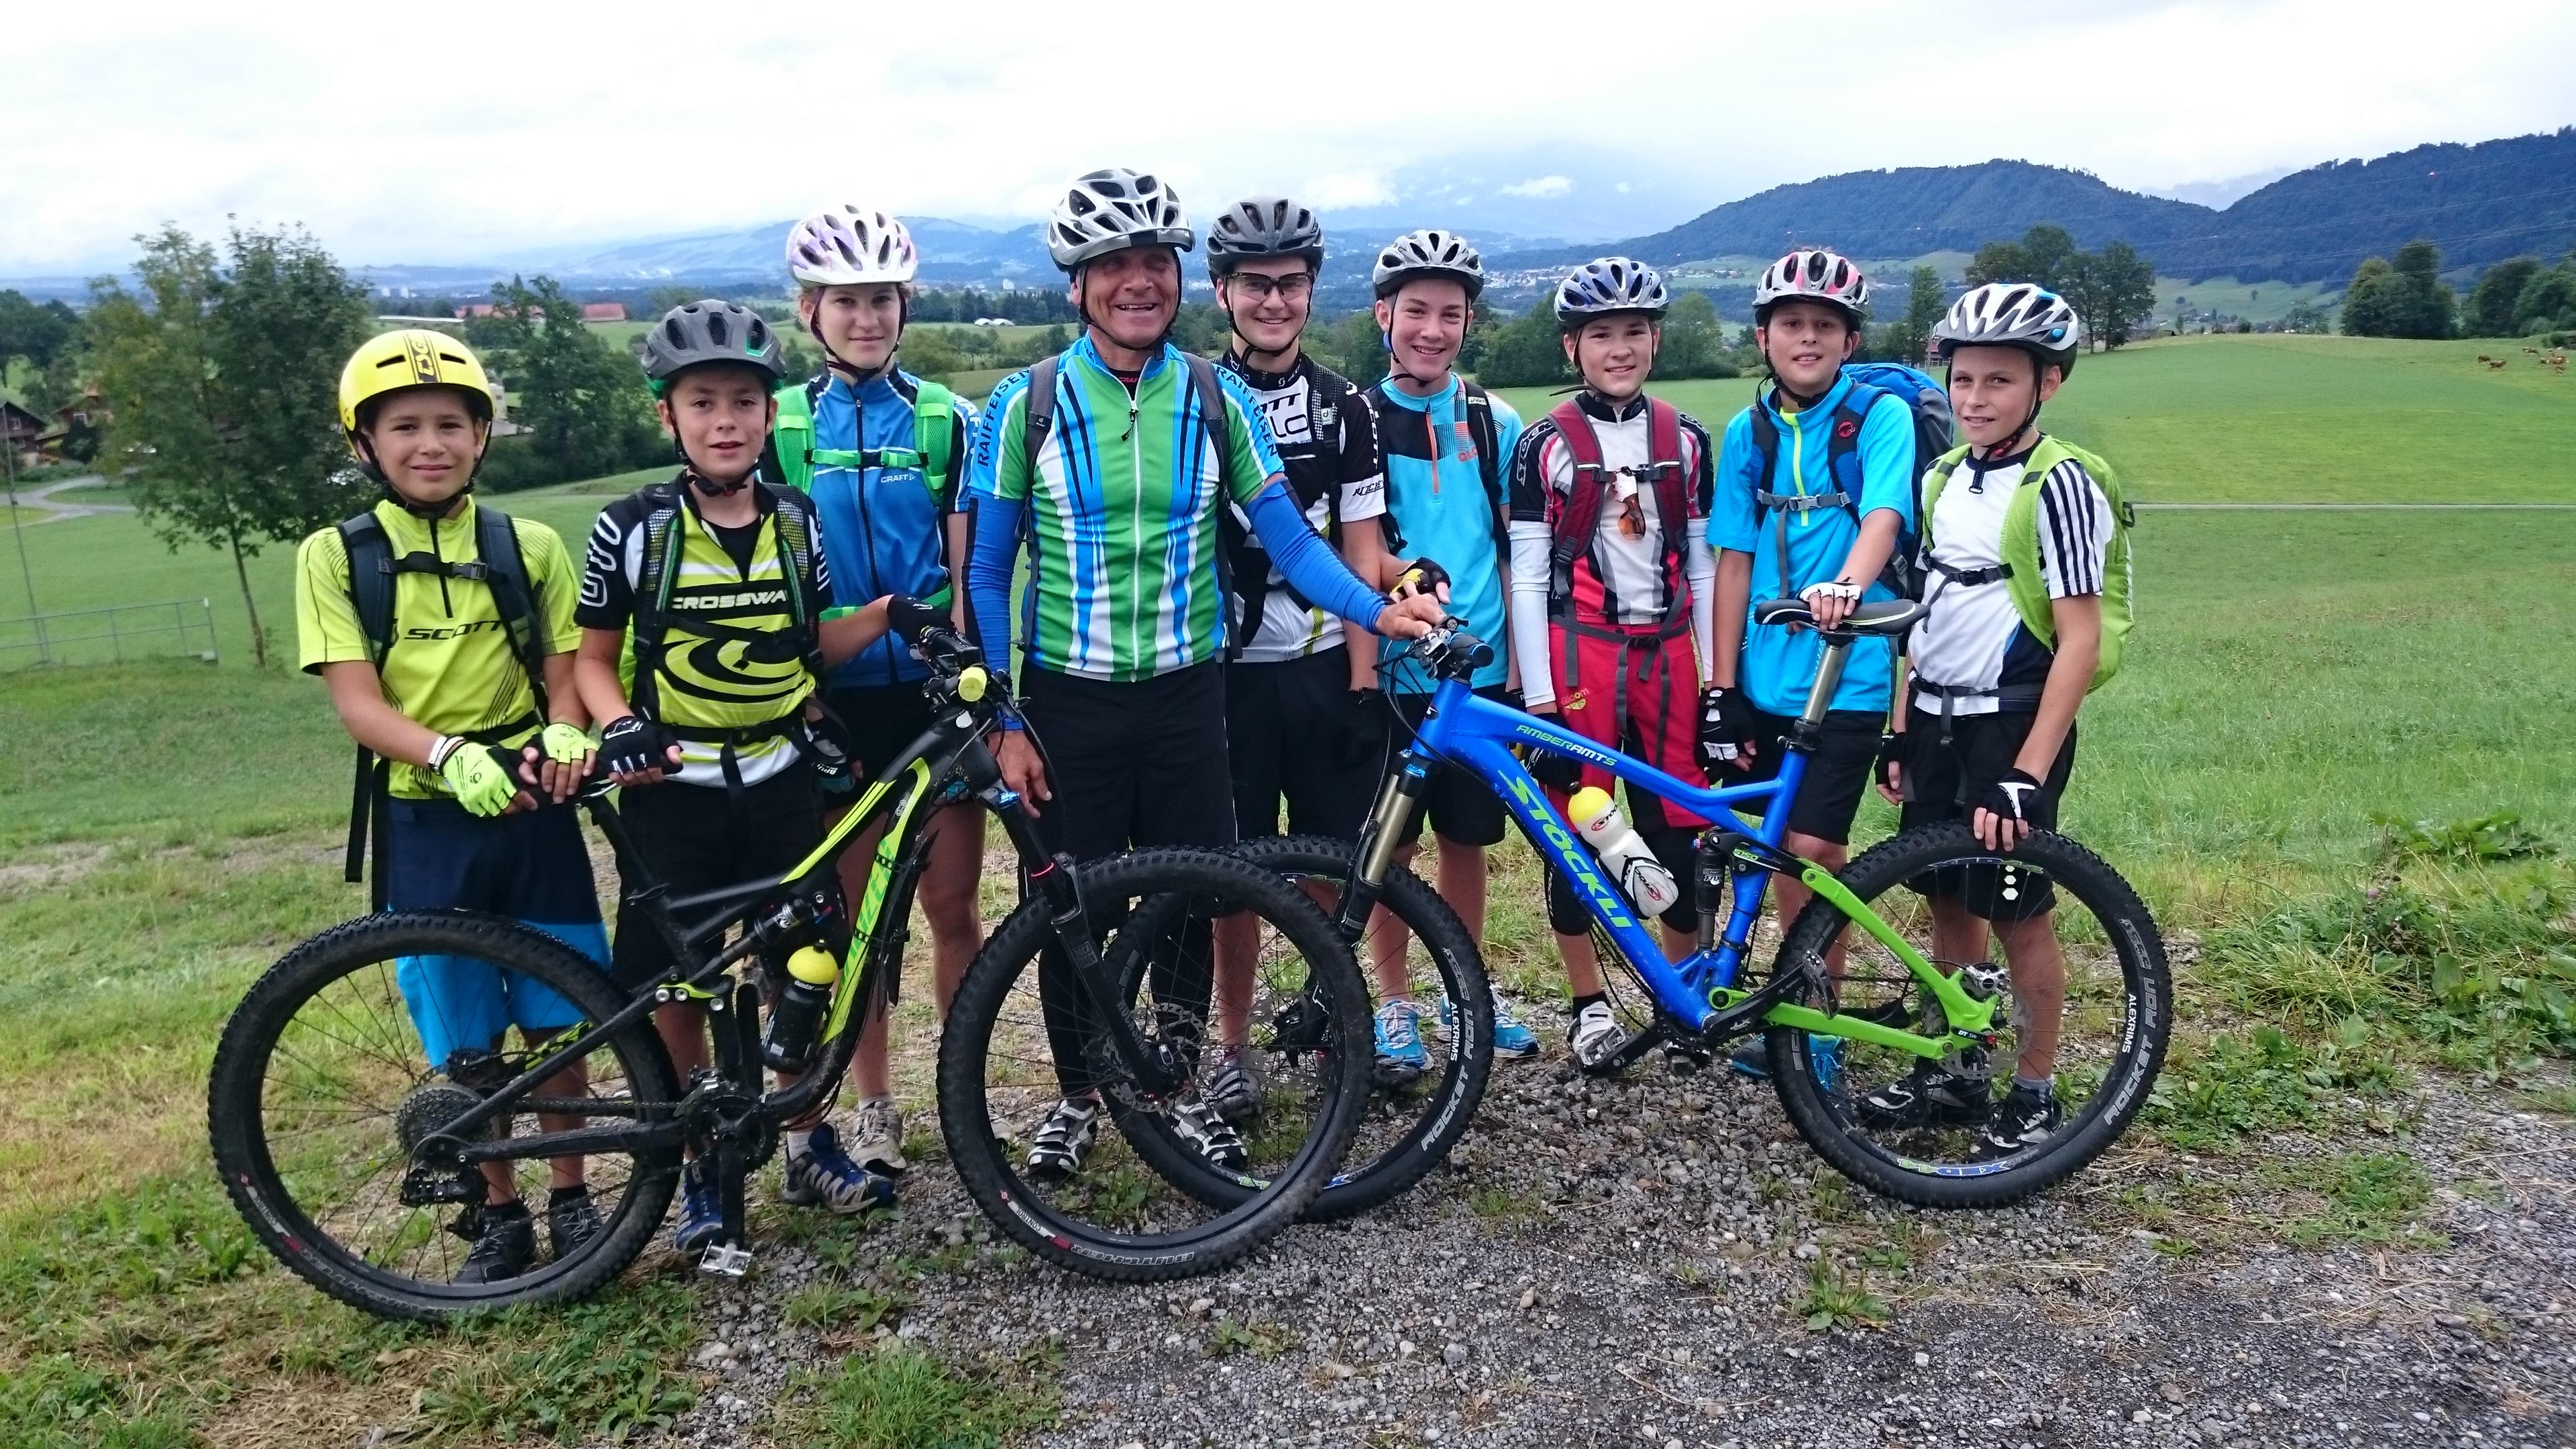 2015-08-15 Biketour Sommertraining